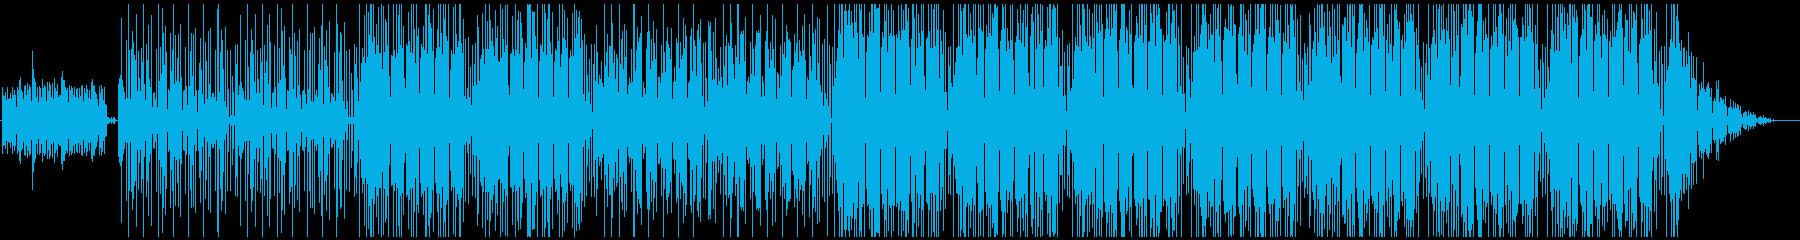 可愛いくて幻想的なlofiっぽい曲の再生済みの波形